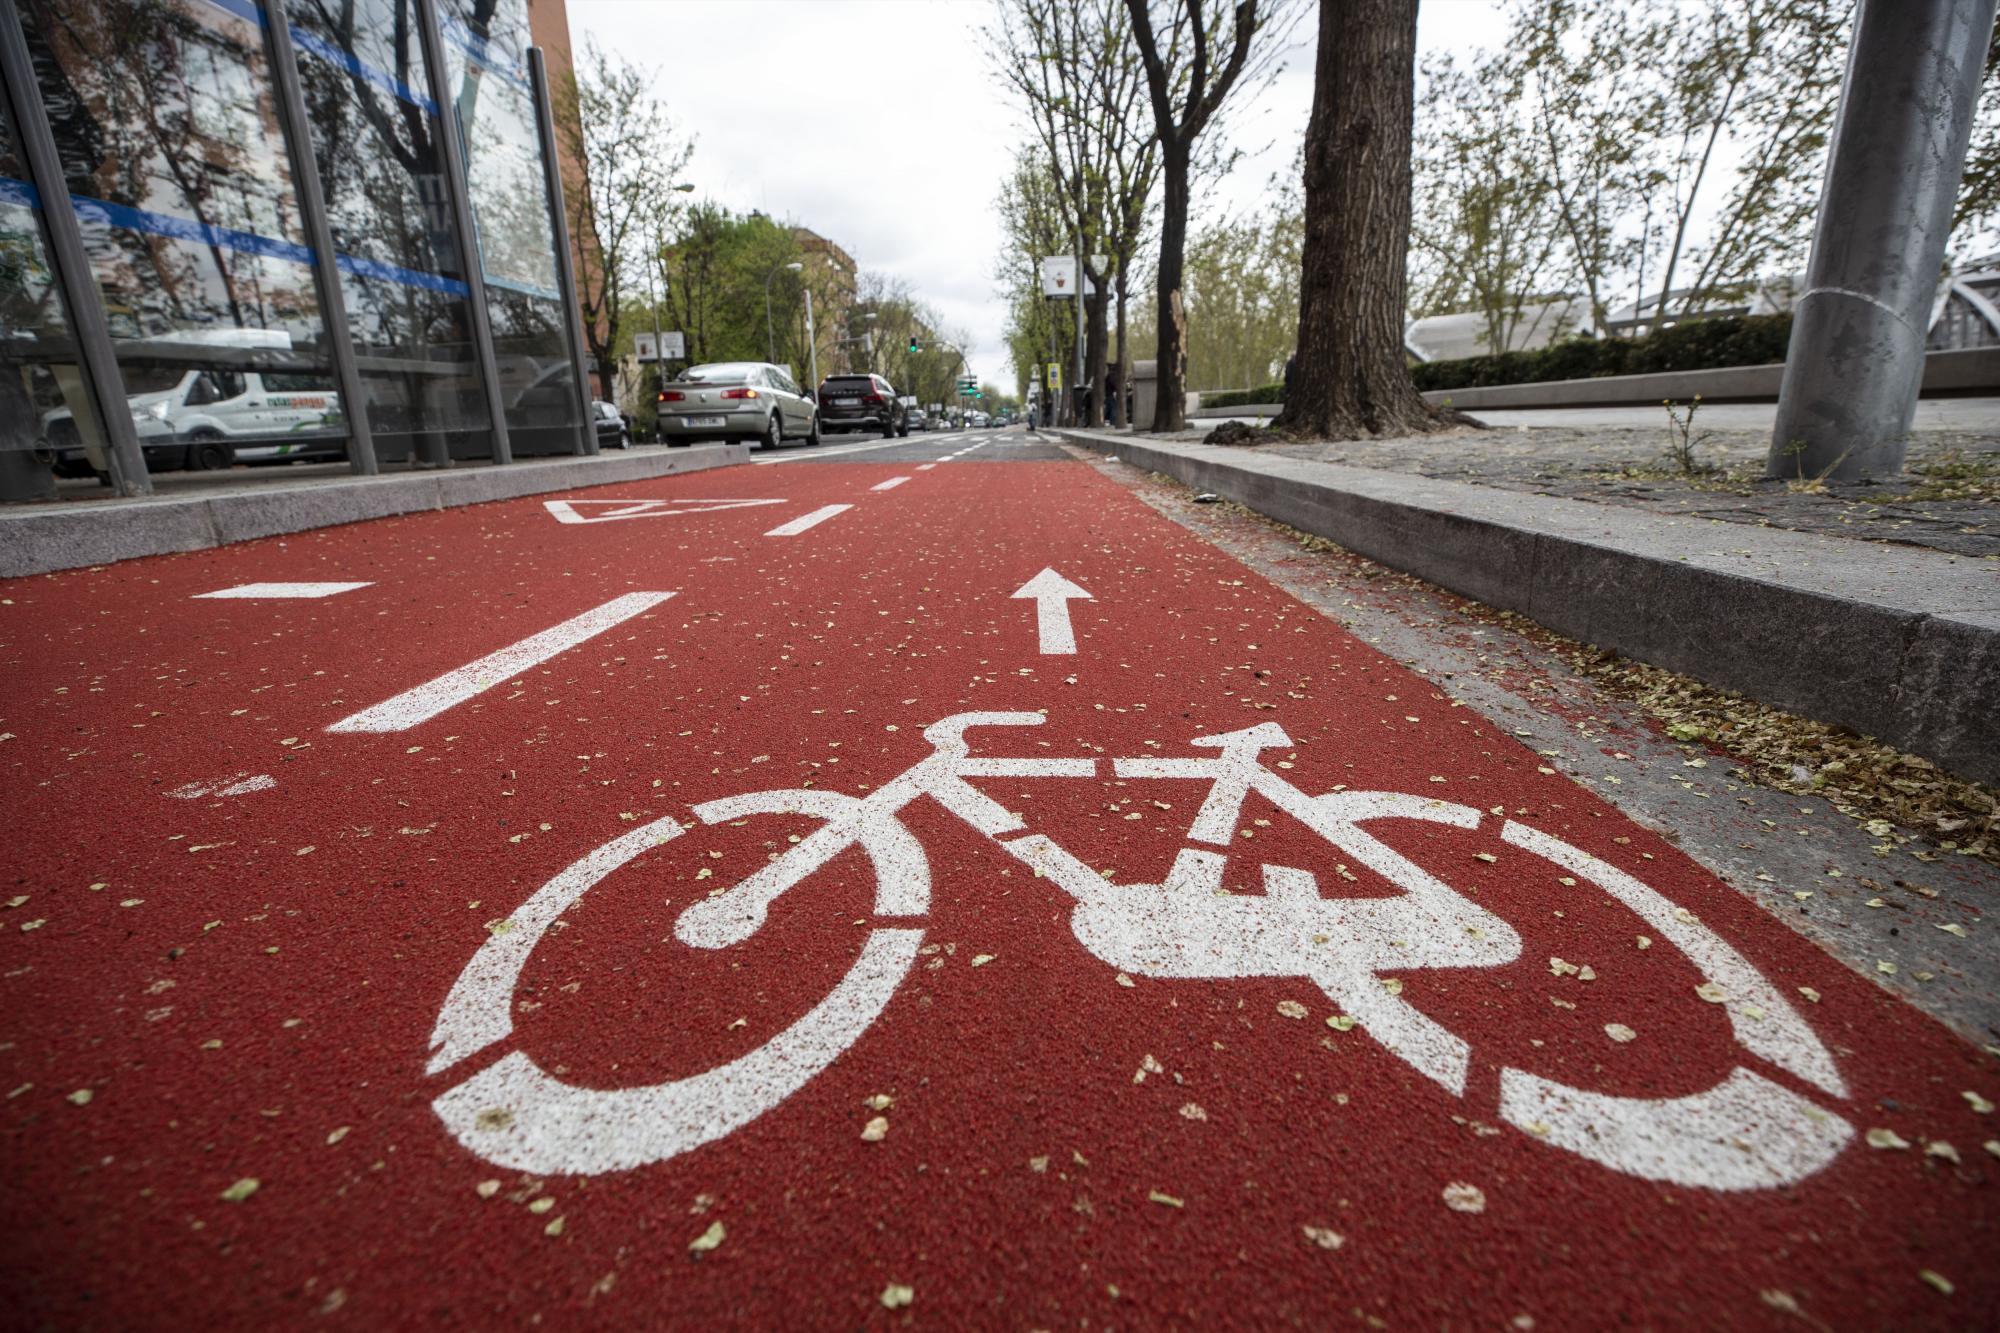 Micromovilidad, en el foco de la seguridad vial